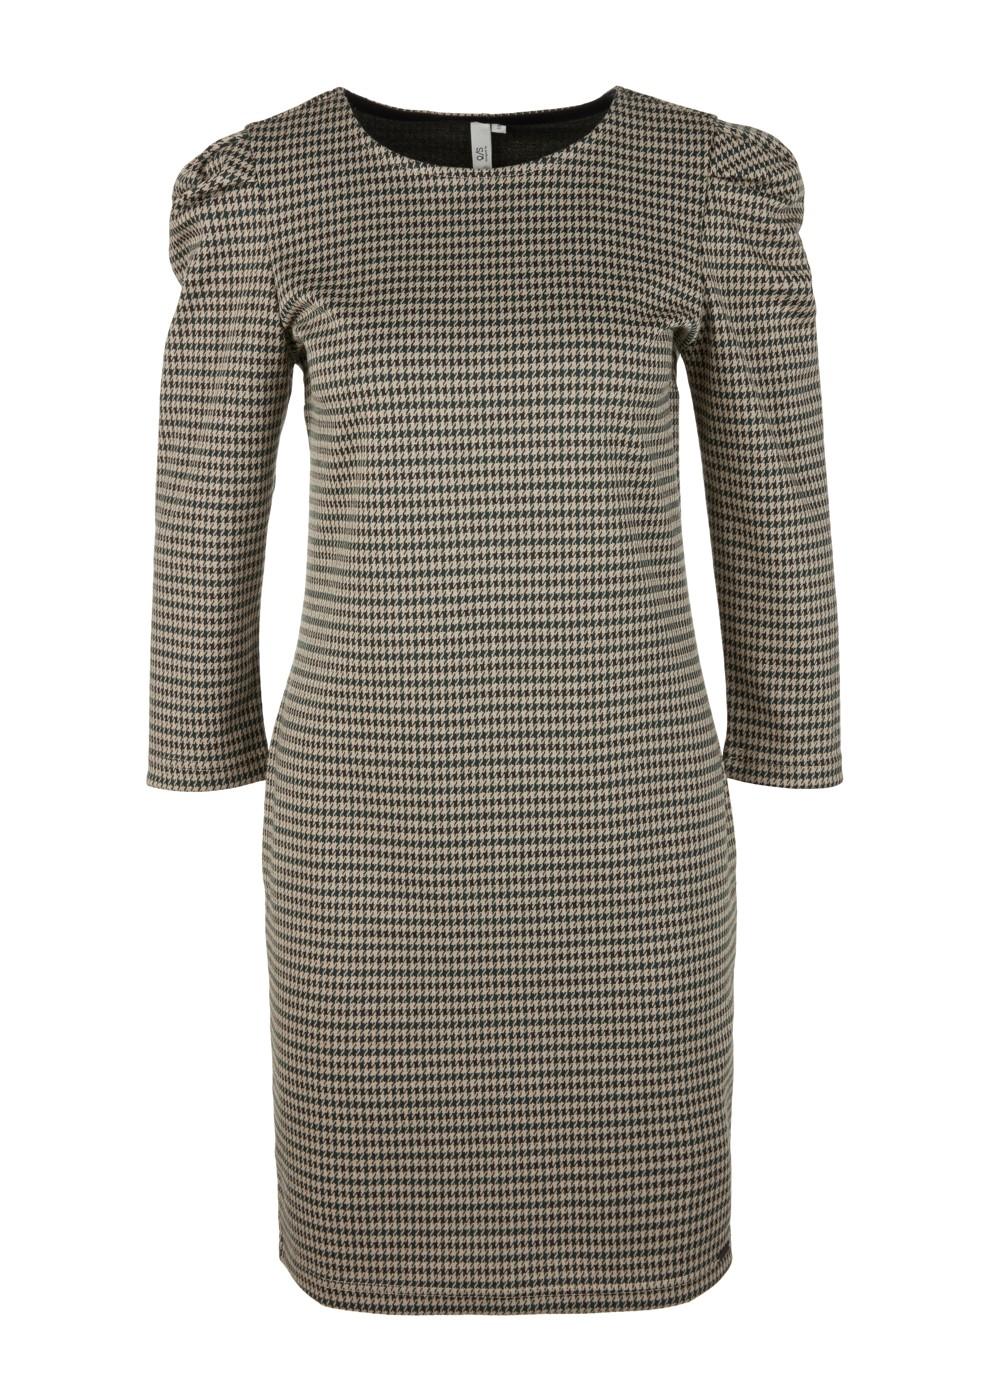 510 Kleid kurz - Damen